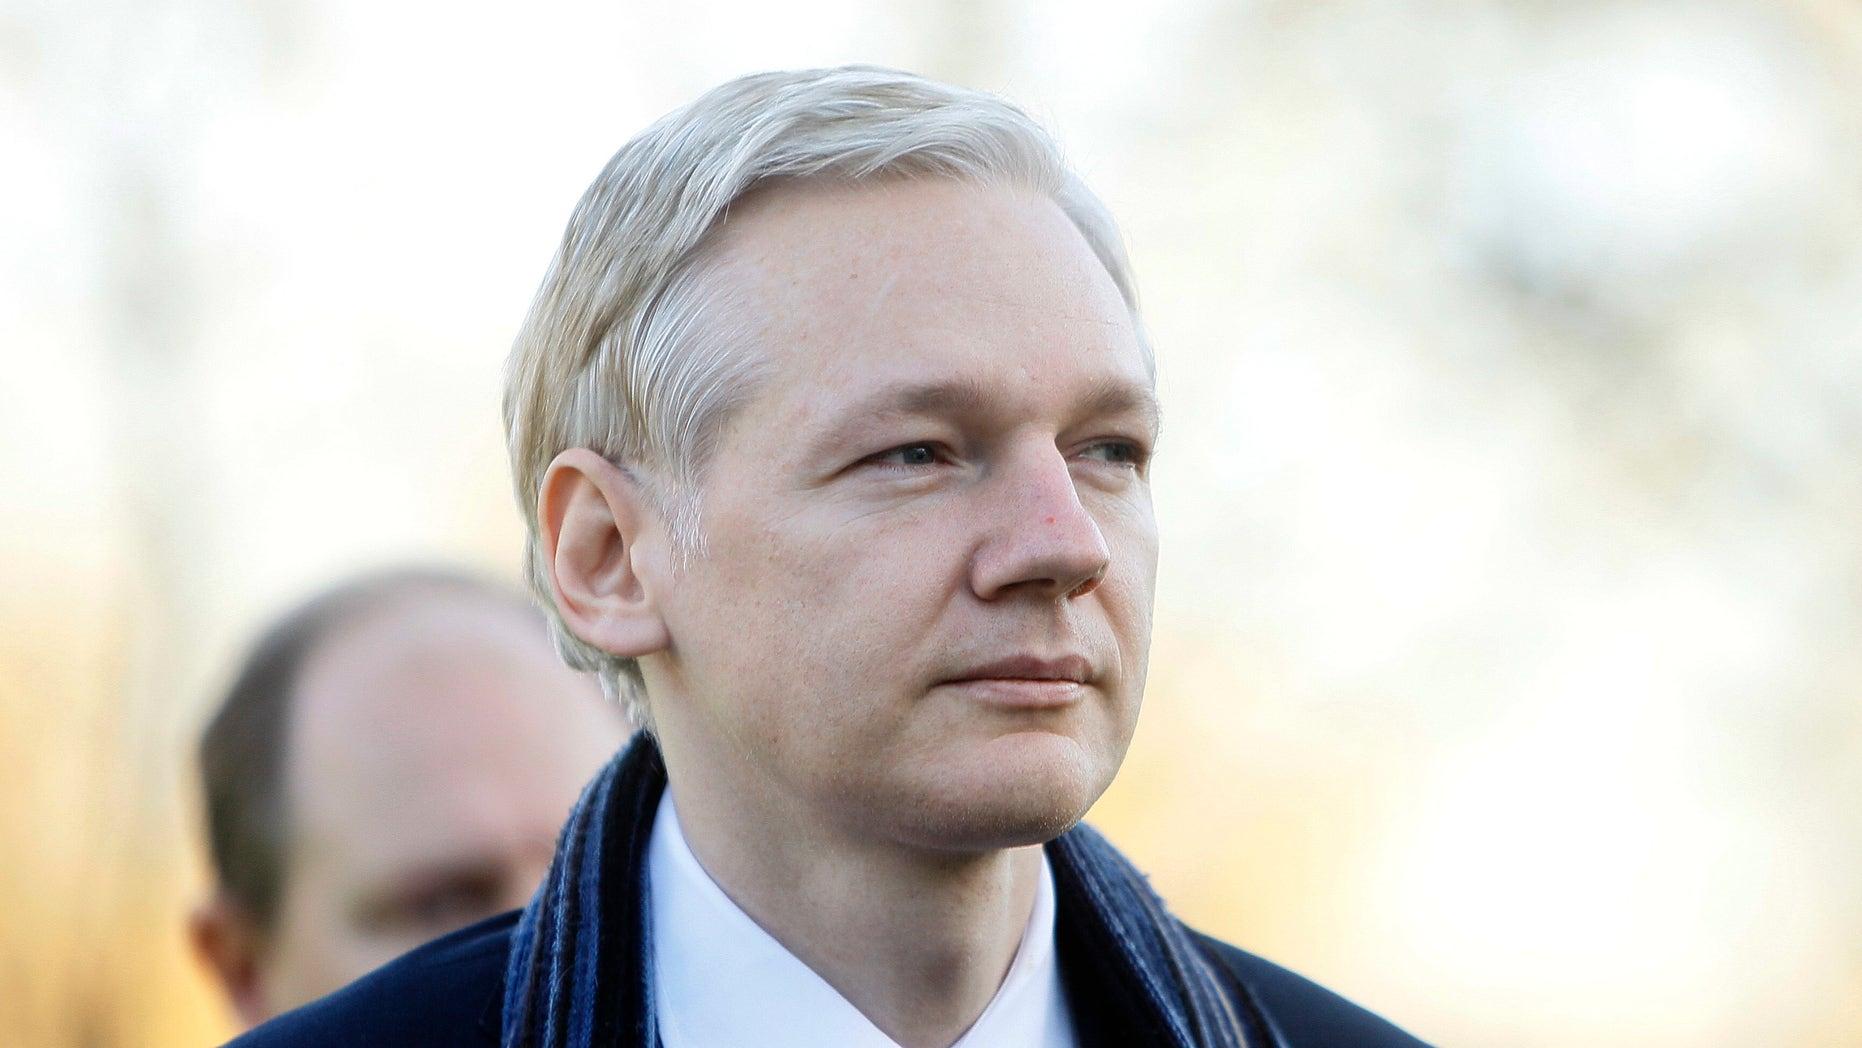 Feb. 8: WikiLeaks founder Julian Assange arrives at Belmarsh Magistrates' Court in London.